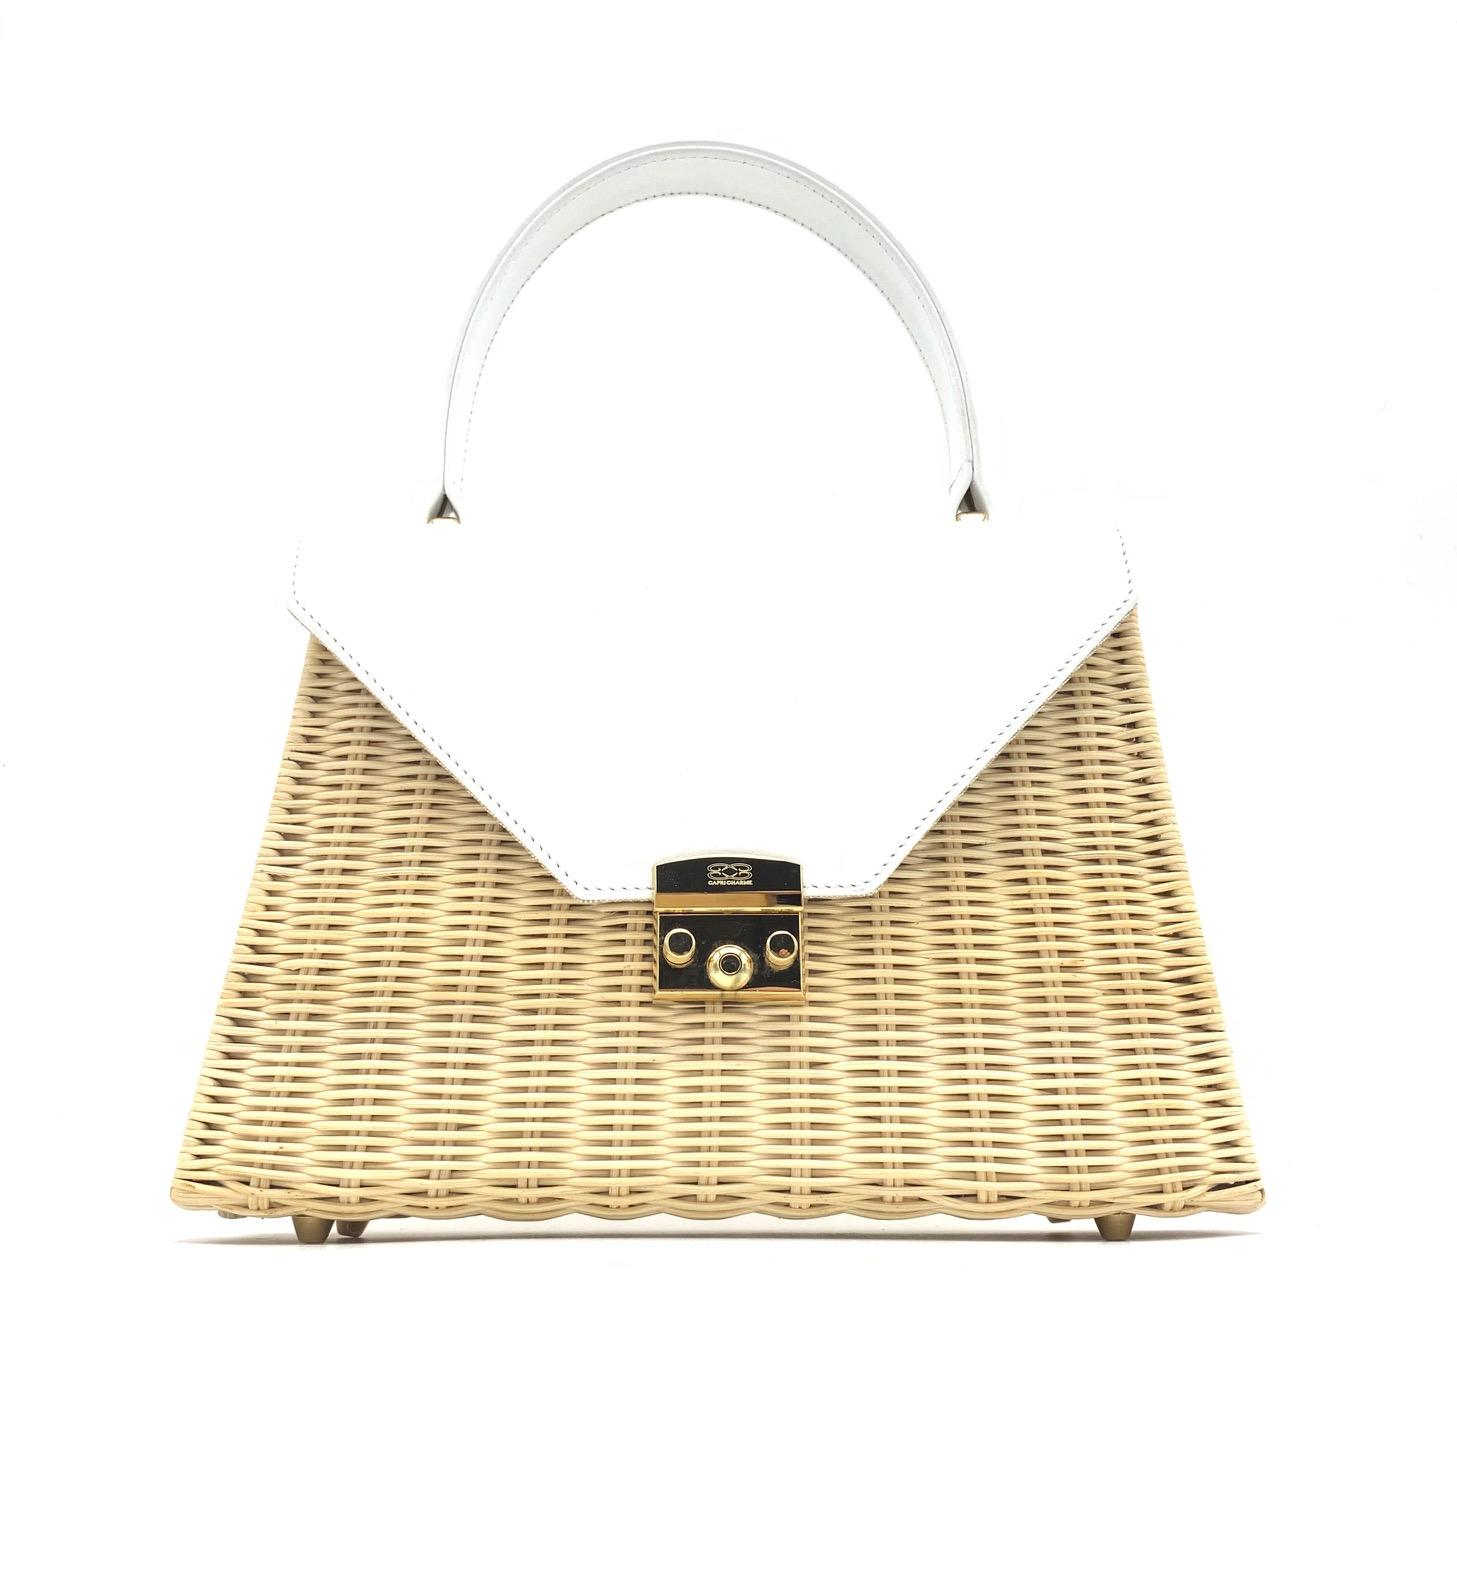 Capri handbag in natural wicker/white